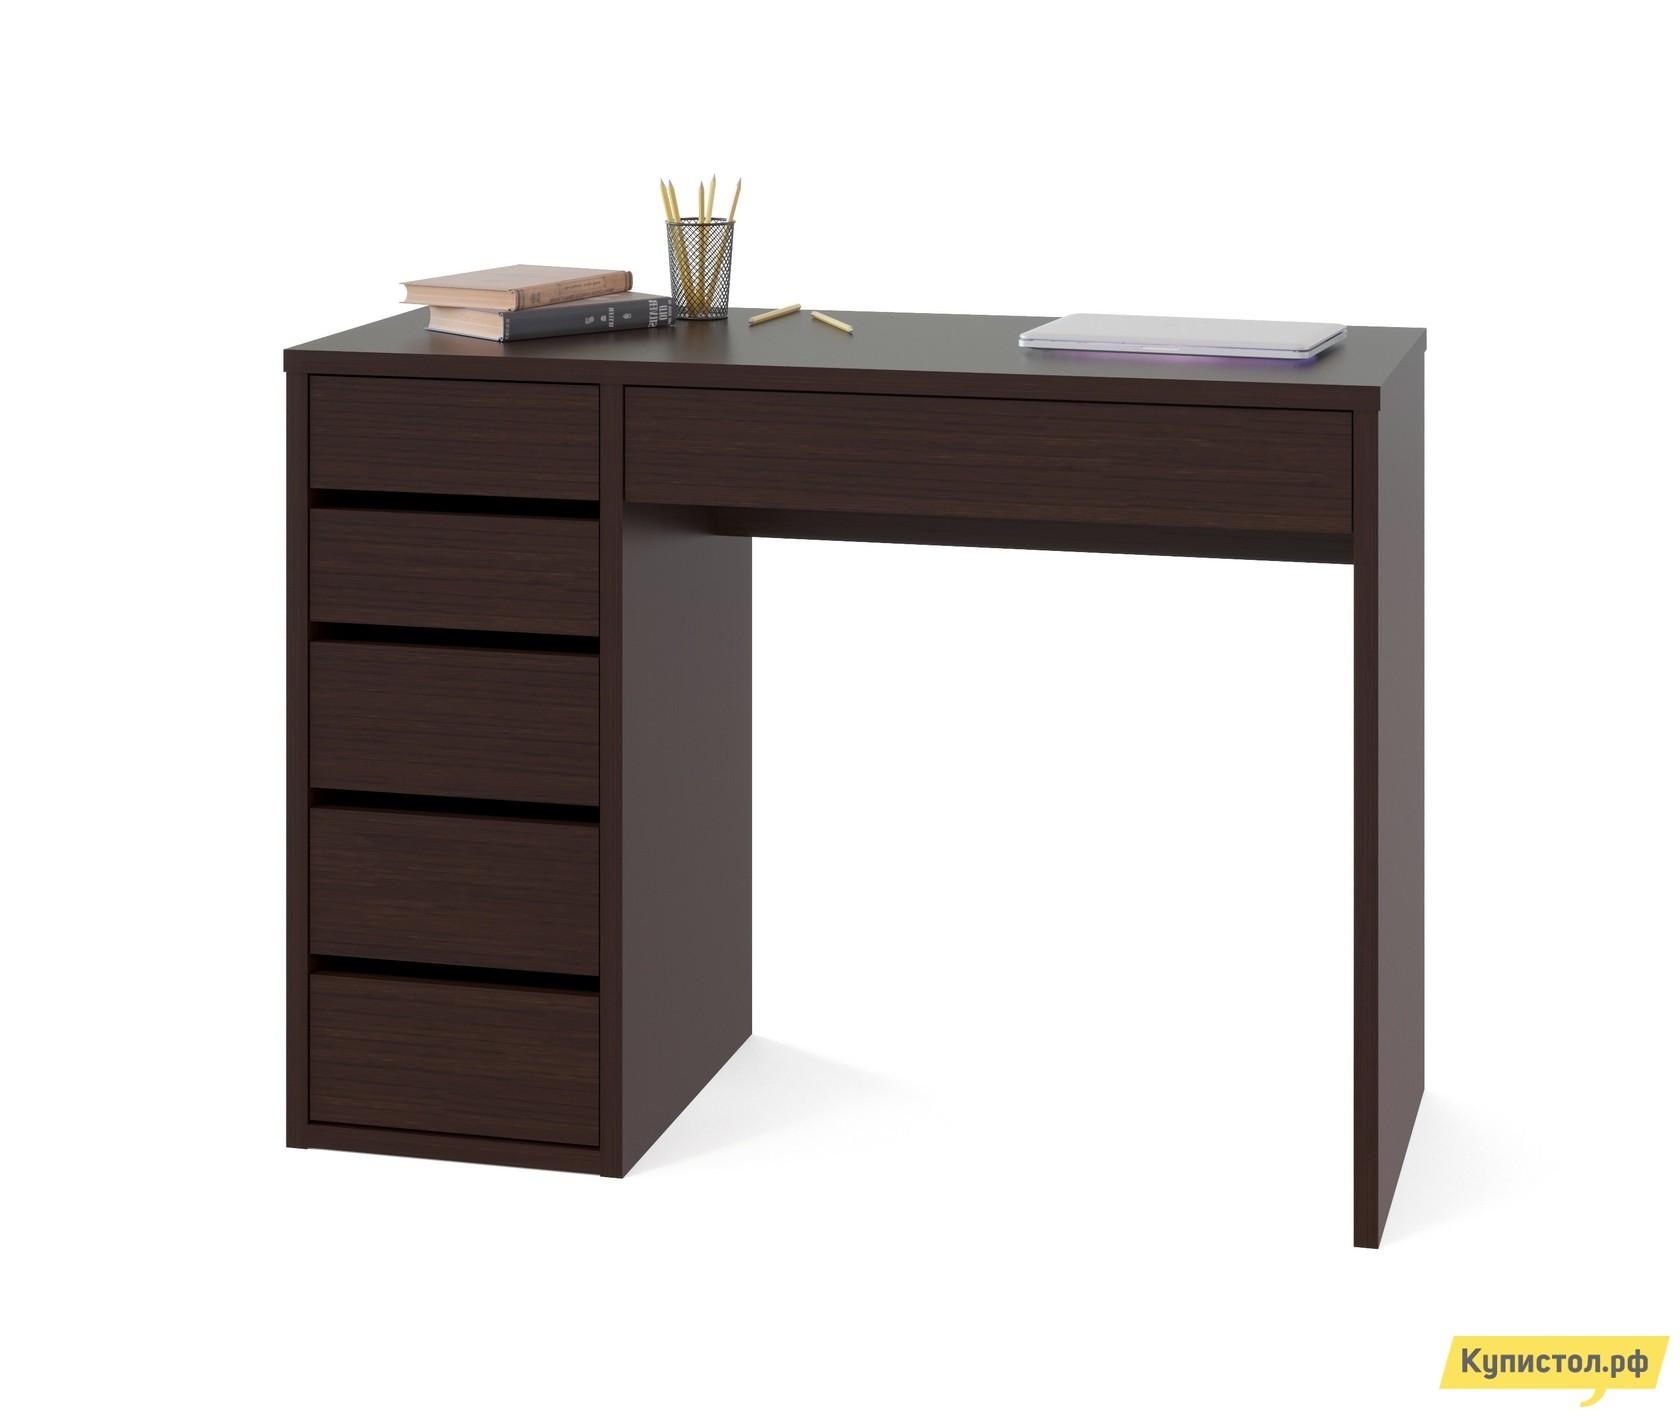 Письменный стол Тайга СПм-10 Венге